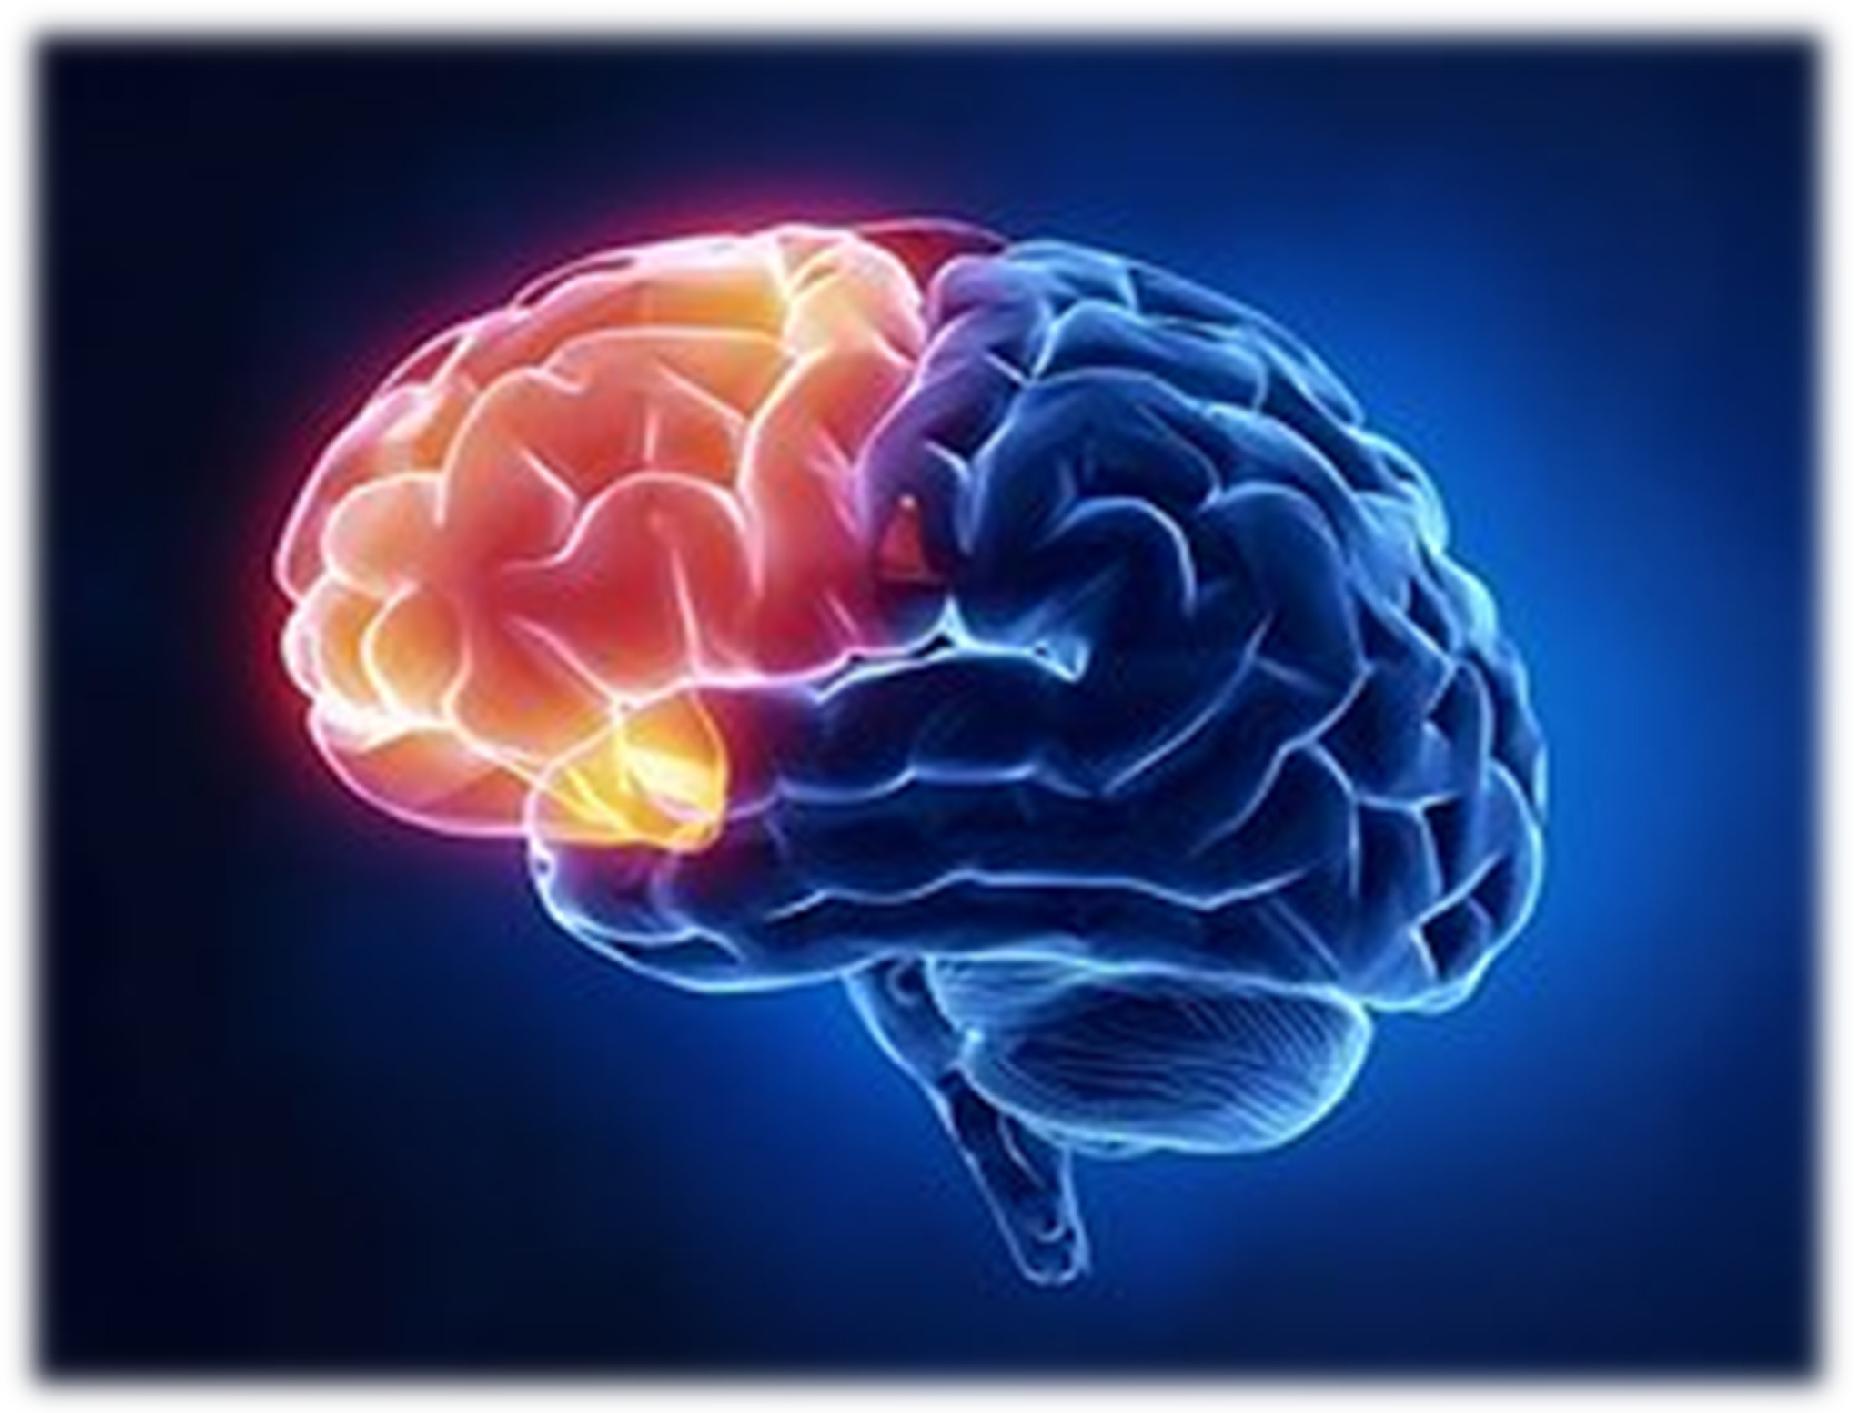 ....   Wir wissen alle, dass unser Gehirn höchst wichtig ist für unsere Lebensqualität. Viel Wissenswertes ist uns von der Neurologie in letzter Zeit weitergereicht worden. Heute geht es um den Frontallappen, das Organ der 'Zivilisation', und um eine denkwürdige Begegnung mit Dr. Baldwin USA.   ..   Everybody knows that our brains are vitally important for our quality of life. A lot of valuable new information on neurology has come to our attention in the recent past. Today we will consider the frontal lobe, the organ of civilization, and a memorable encounter with Dr. Baldwin in Georgia, USA.   ....